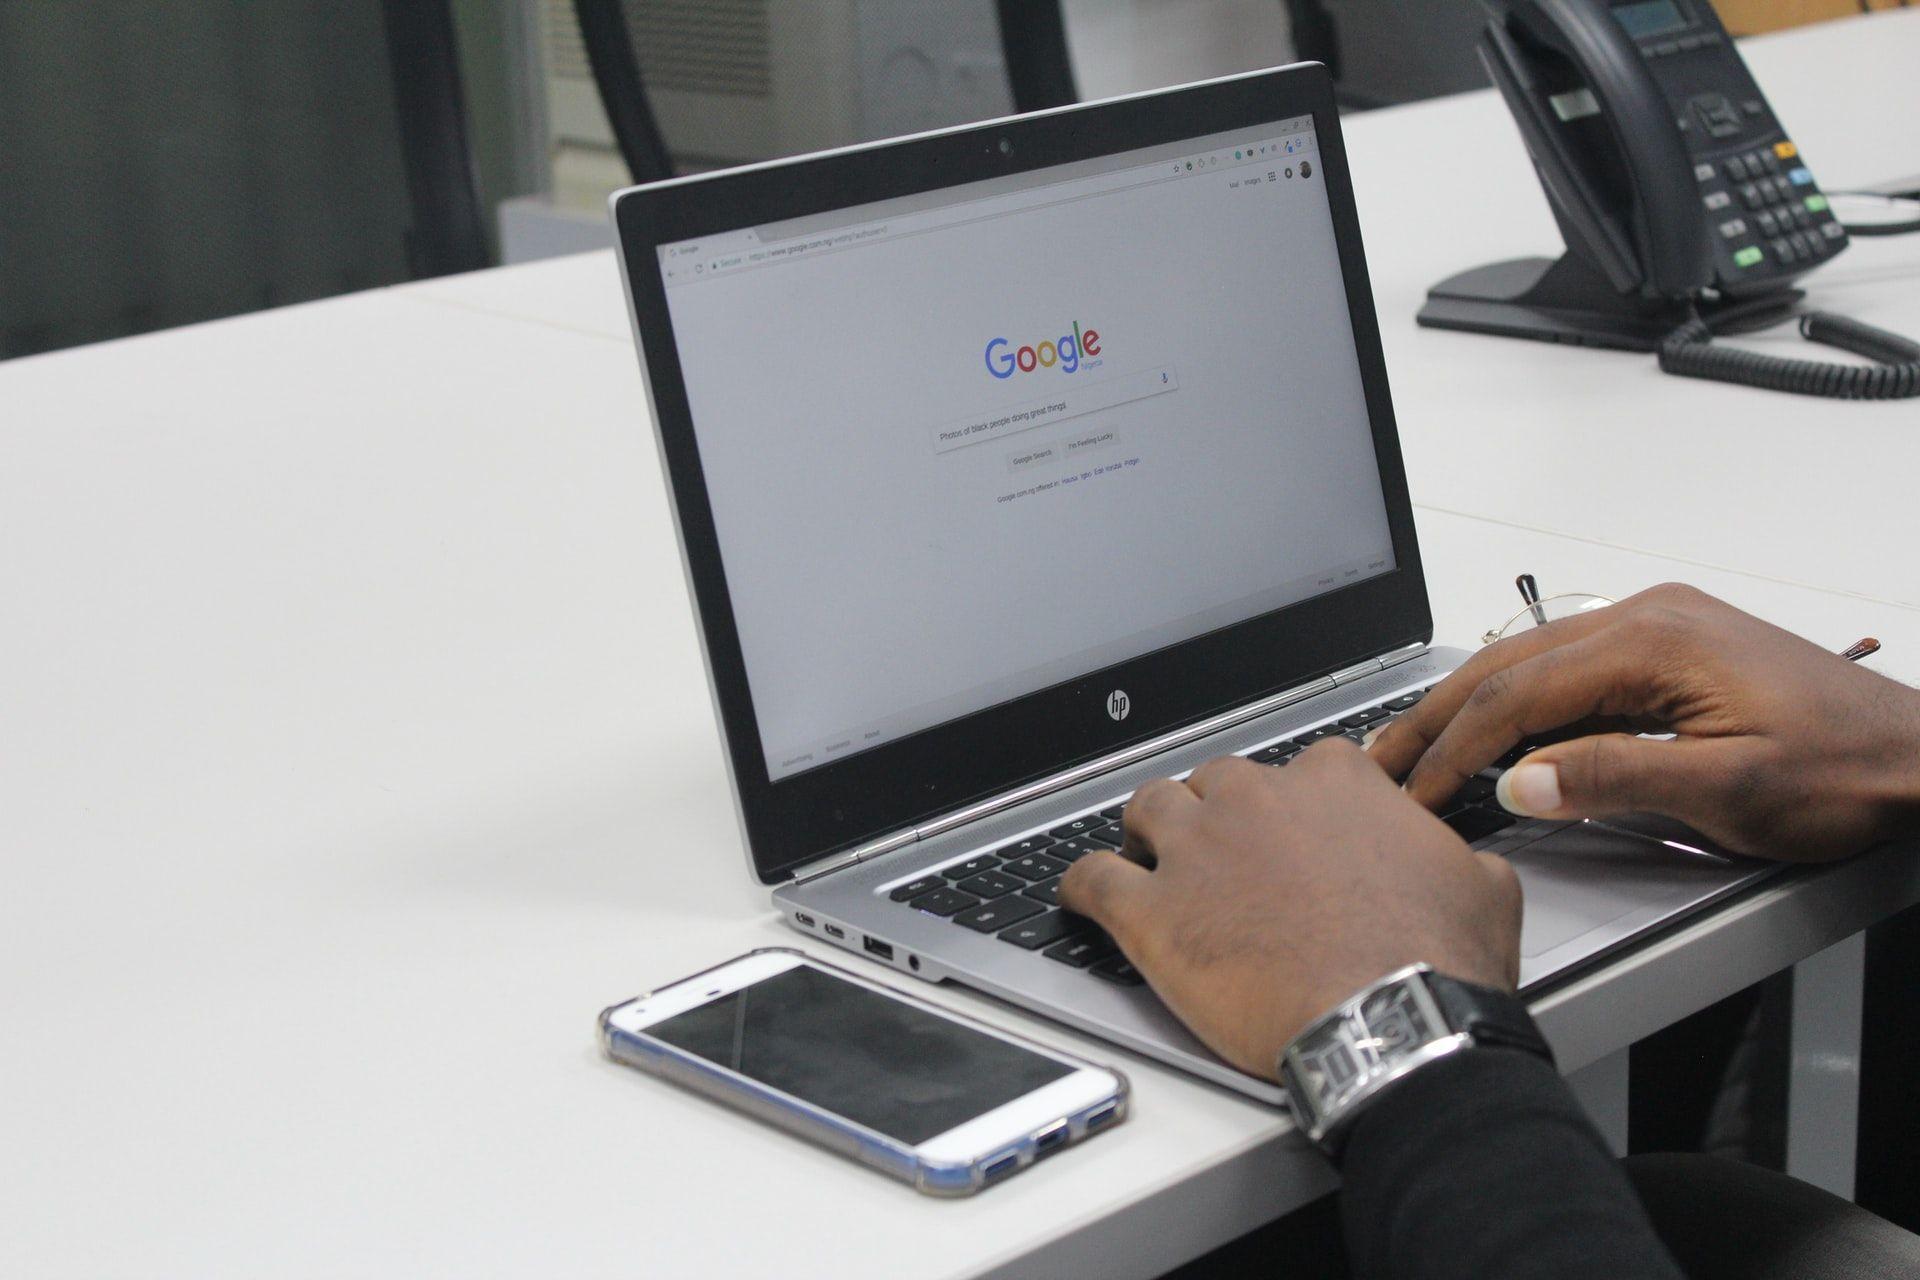 За замовчуванням. Google встановить двофакторну аутентифікацію для всіх користувачів